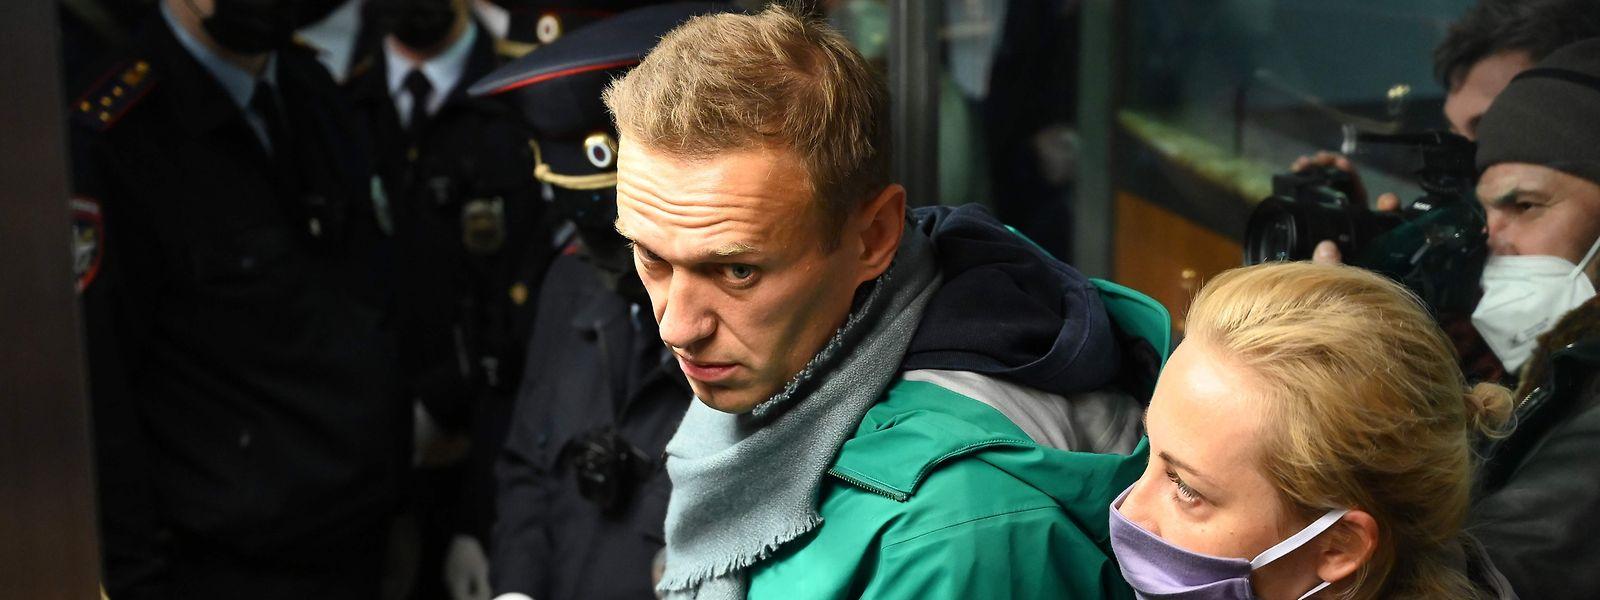 Alexej Nawalny bei der Rückreise aus Berlin, wo er nach dem Giftanschlag weiterbehandelt wurde. Der erste behandelnde Arzt ist jetzt in Omsk/Sibirien plötzlich verstorben.